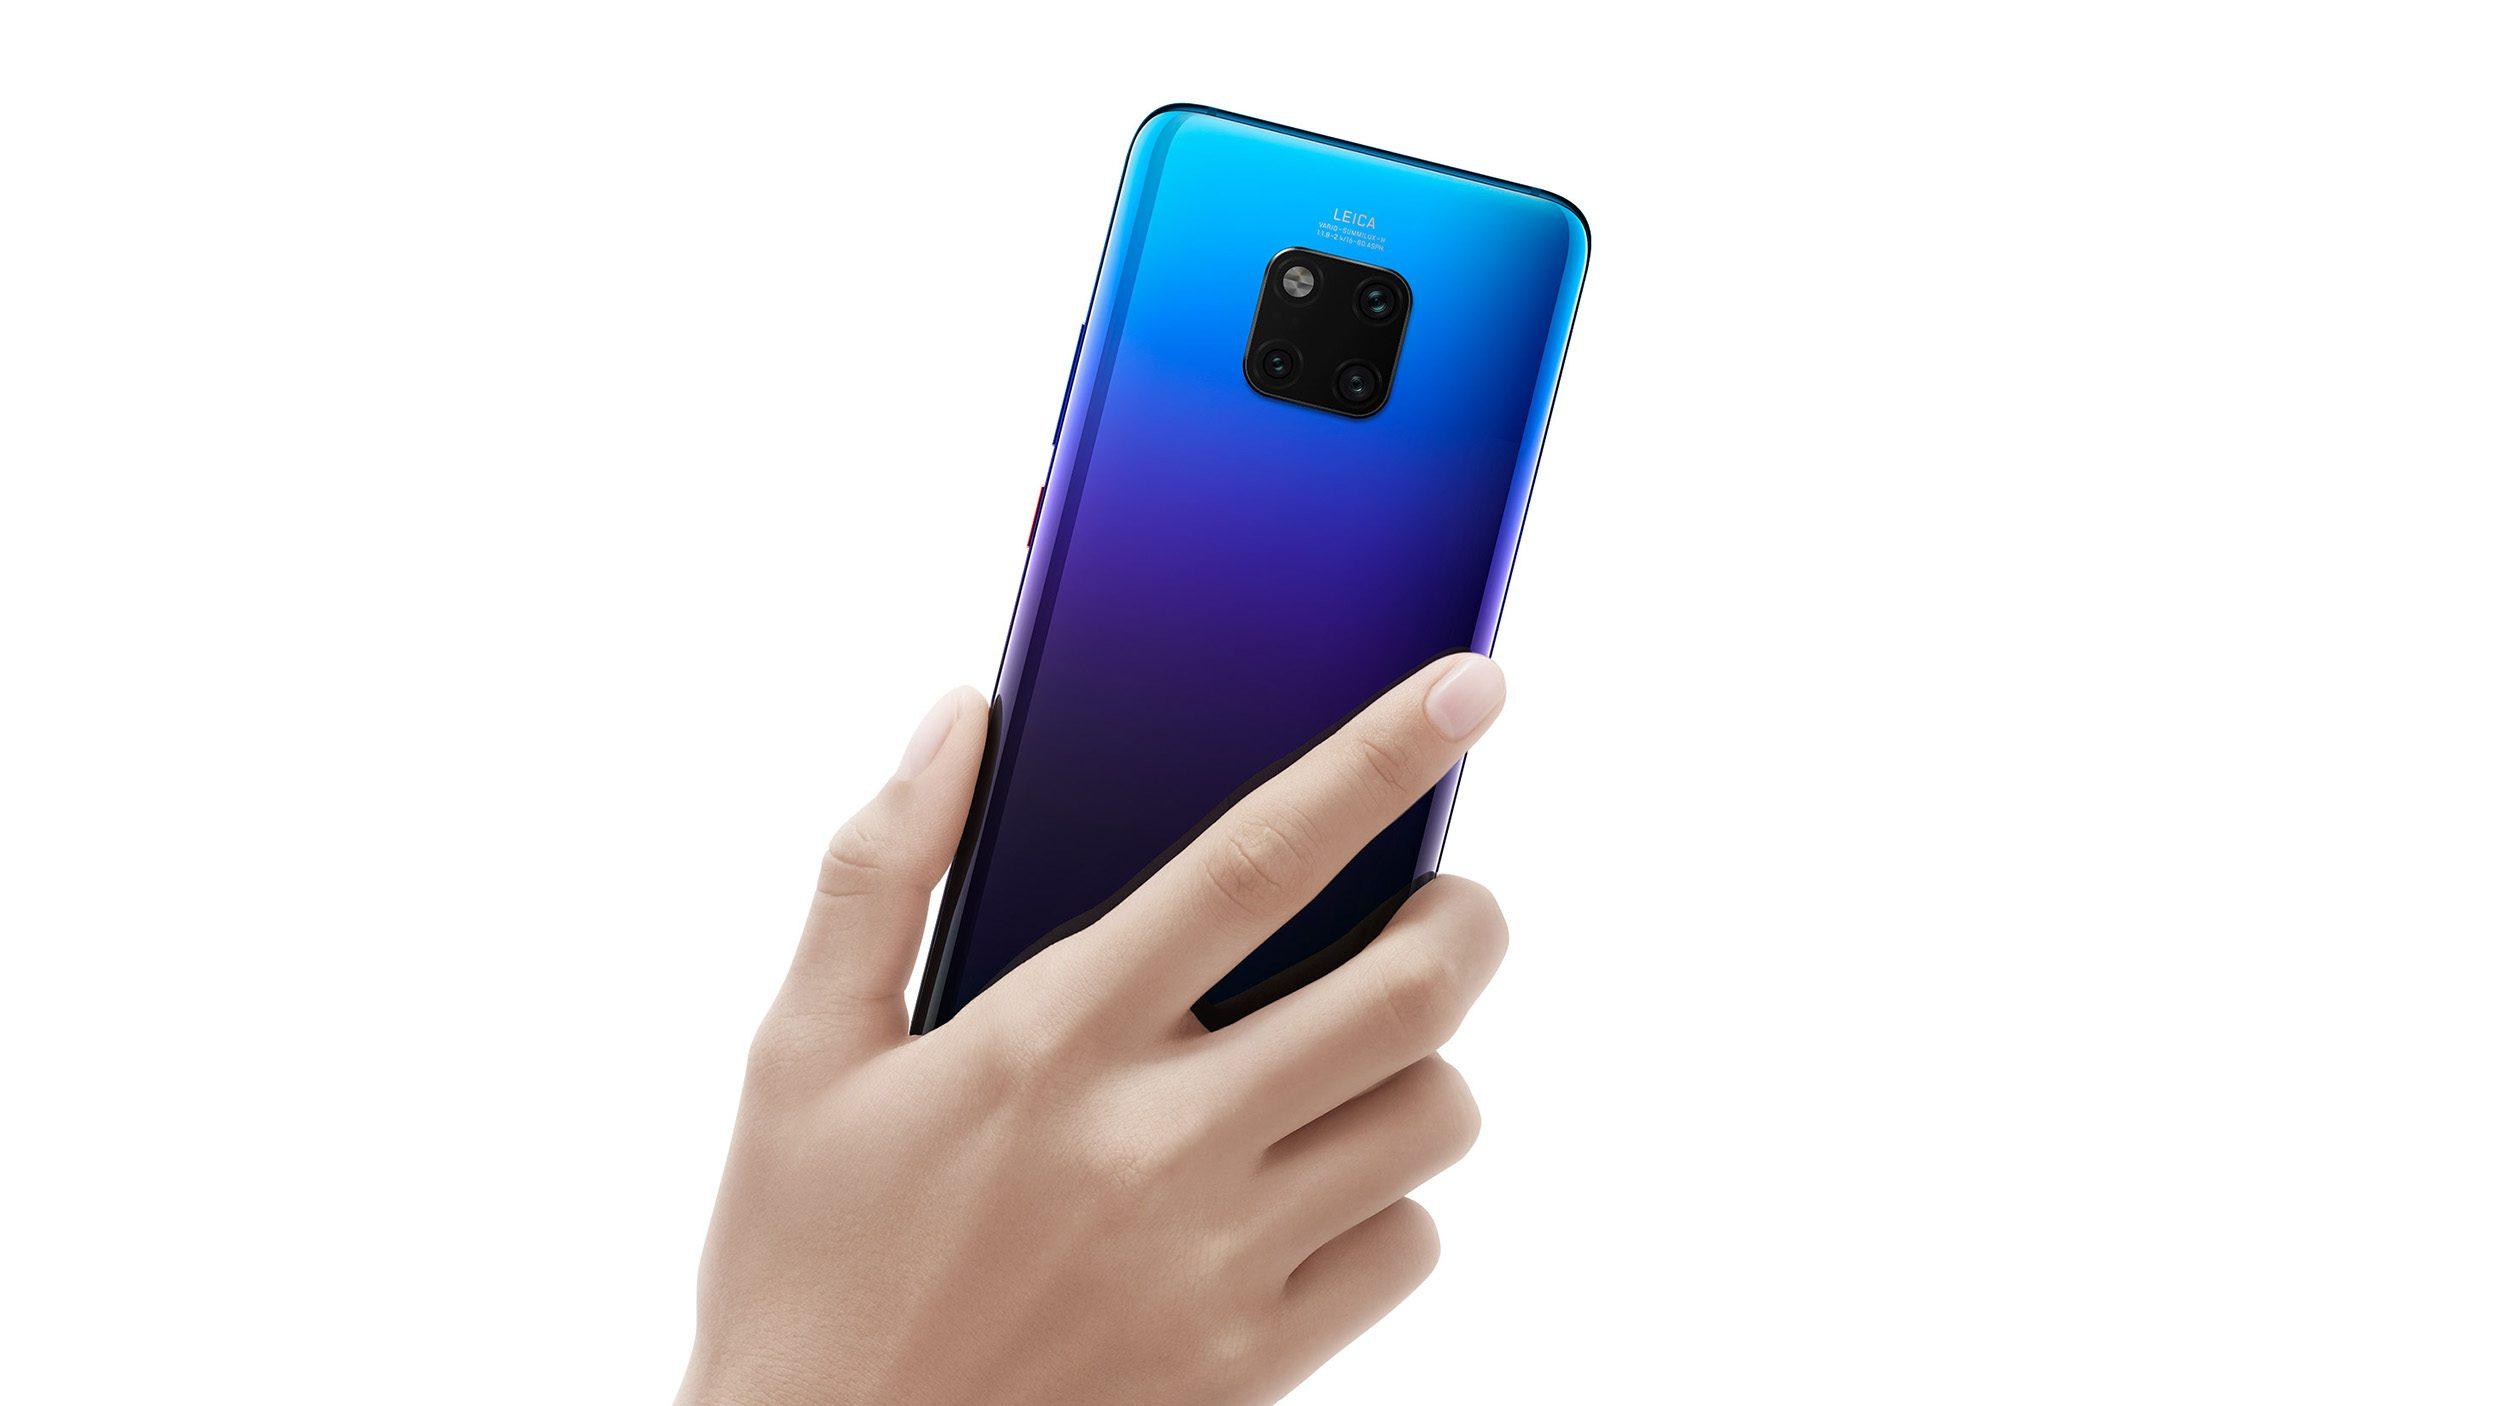 هواوي تكشف رسميا عن 4 موديلات من هاتف Mate 20 2